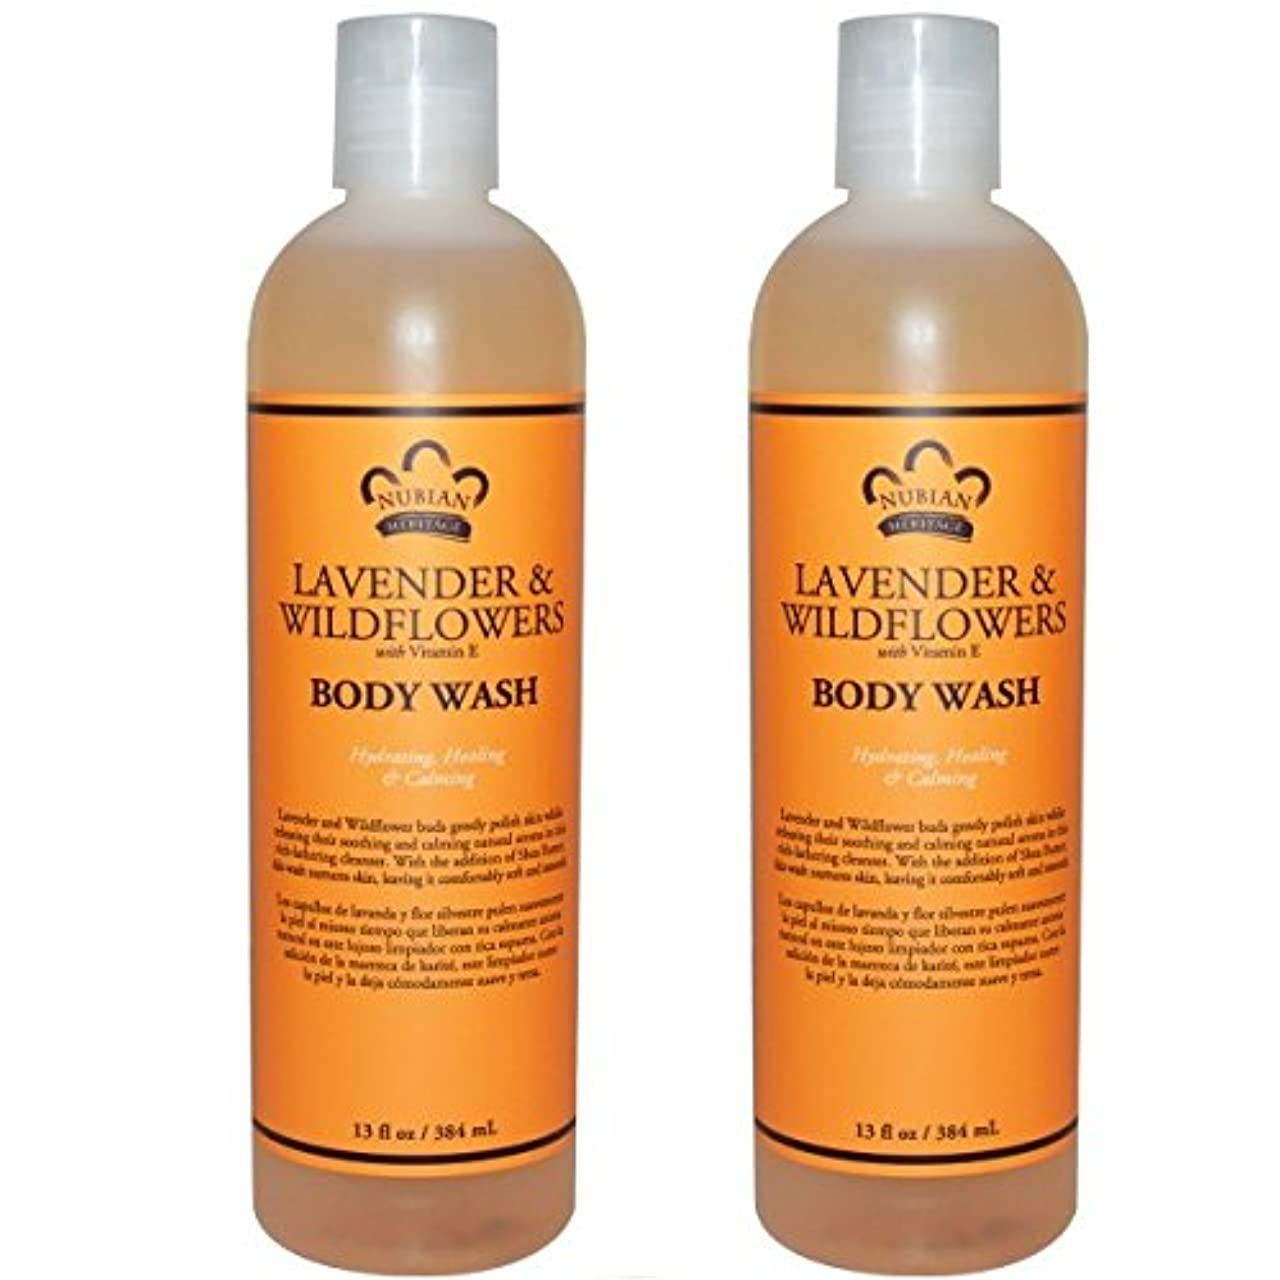 ポーズ記事お尻【海外直送品】【2本】Nubian Heritage Body Wash Relaxing & Nourishing, Lavender & Wildflowers - 13 fl oz (384 ml)